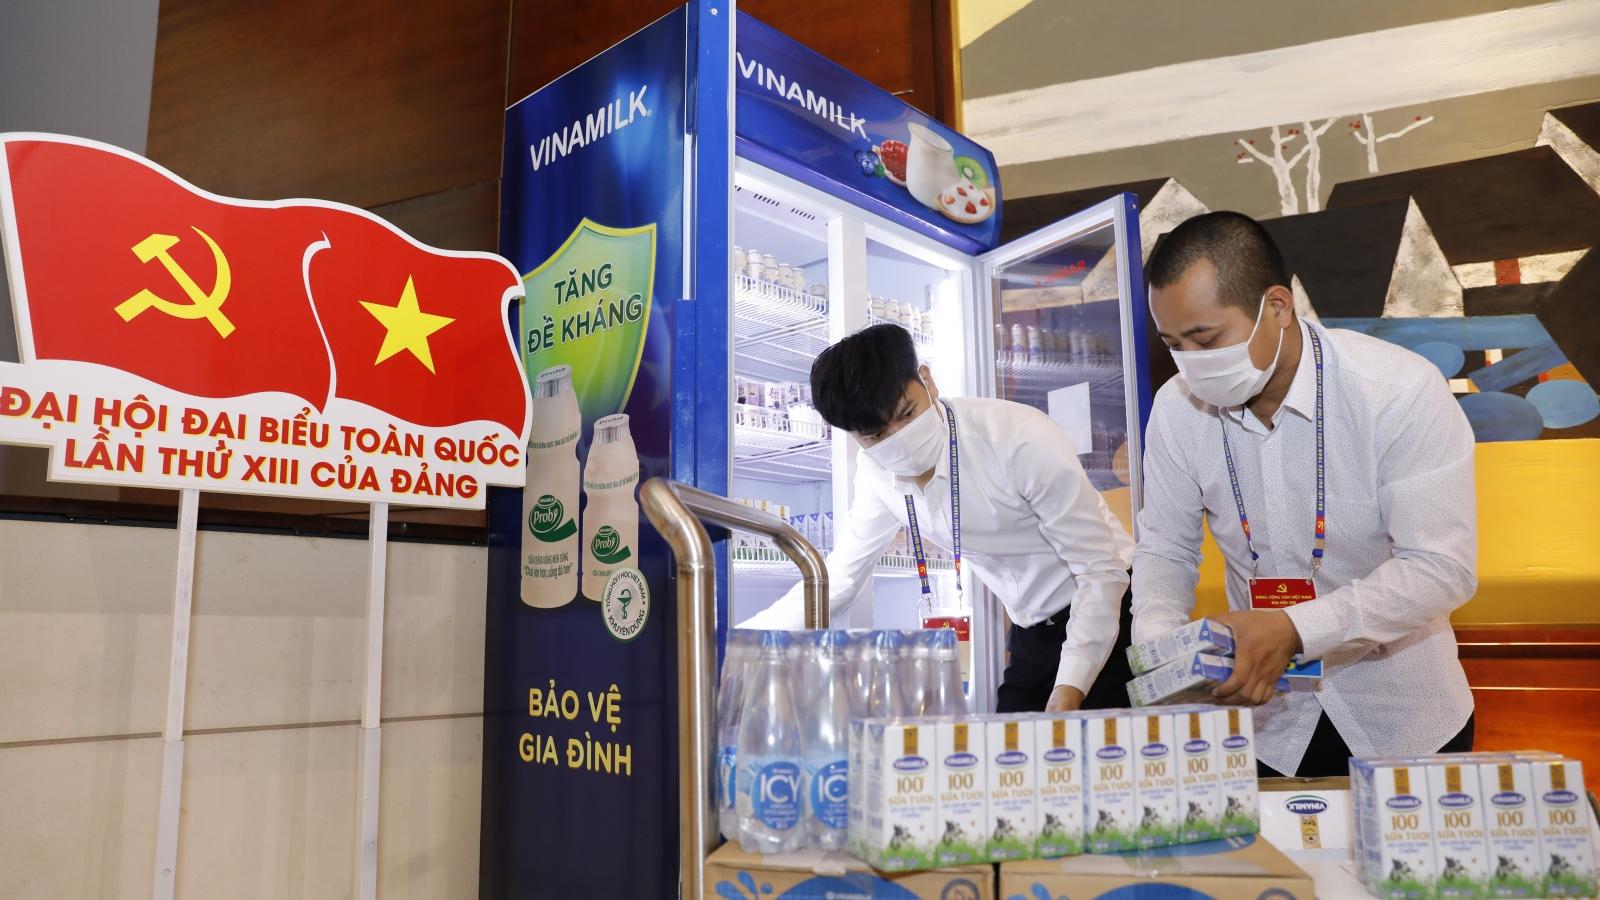 Sản phẩm Vinamilk vinh dự được chọn phục vụ cho các sự kiện lớn của quốc gia năm 2020